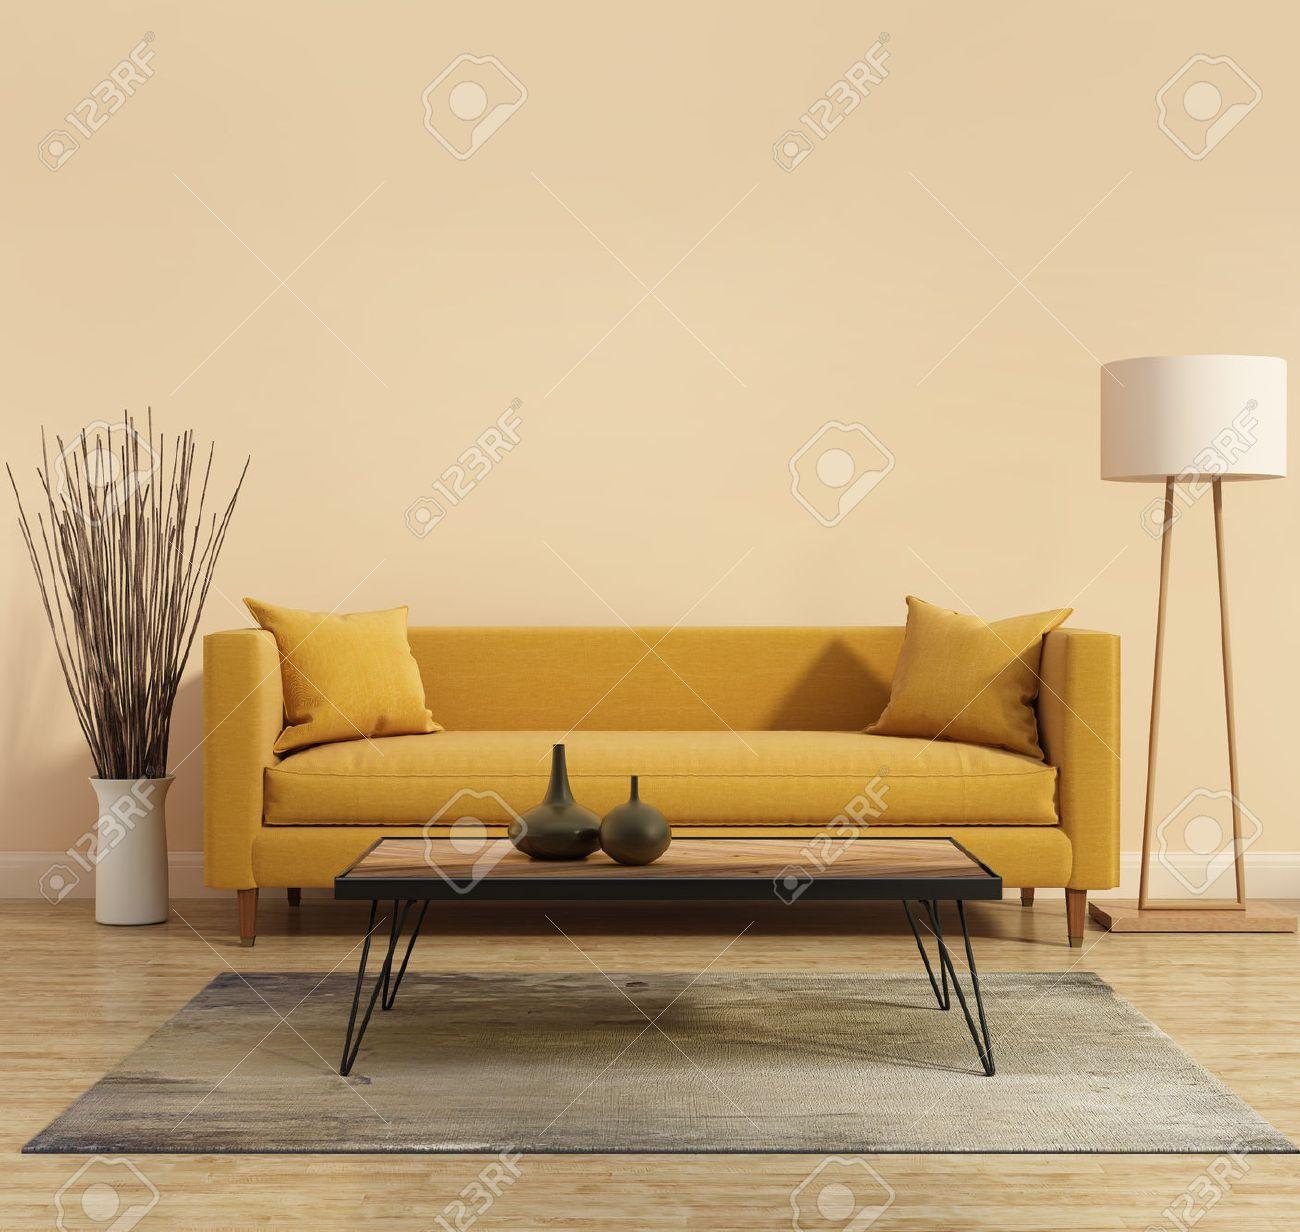 Intérieur moderne avec un canapé jaune dans le salon